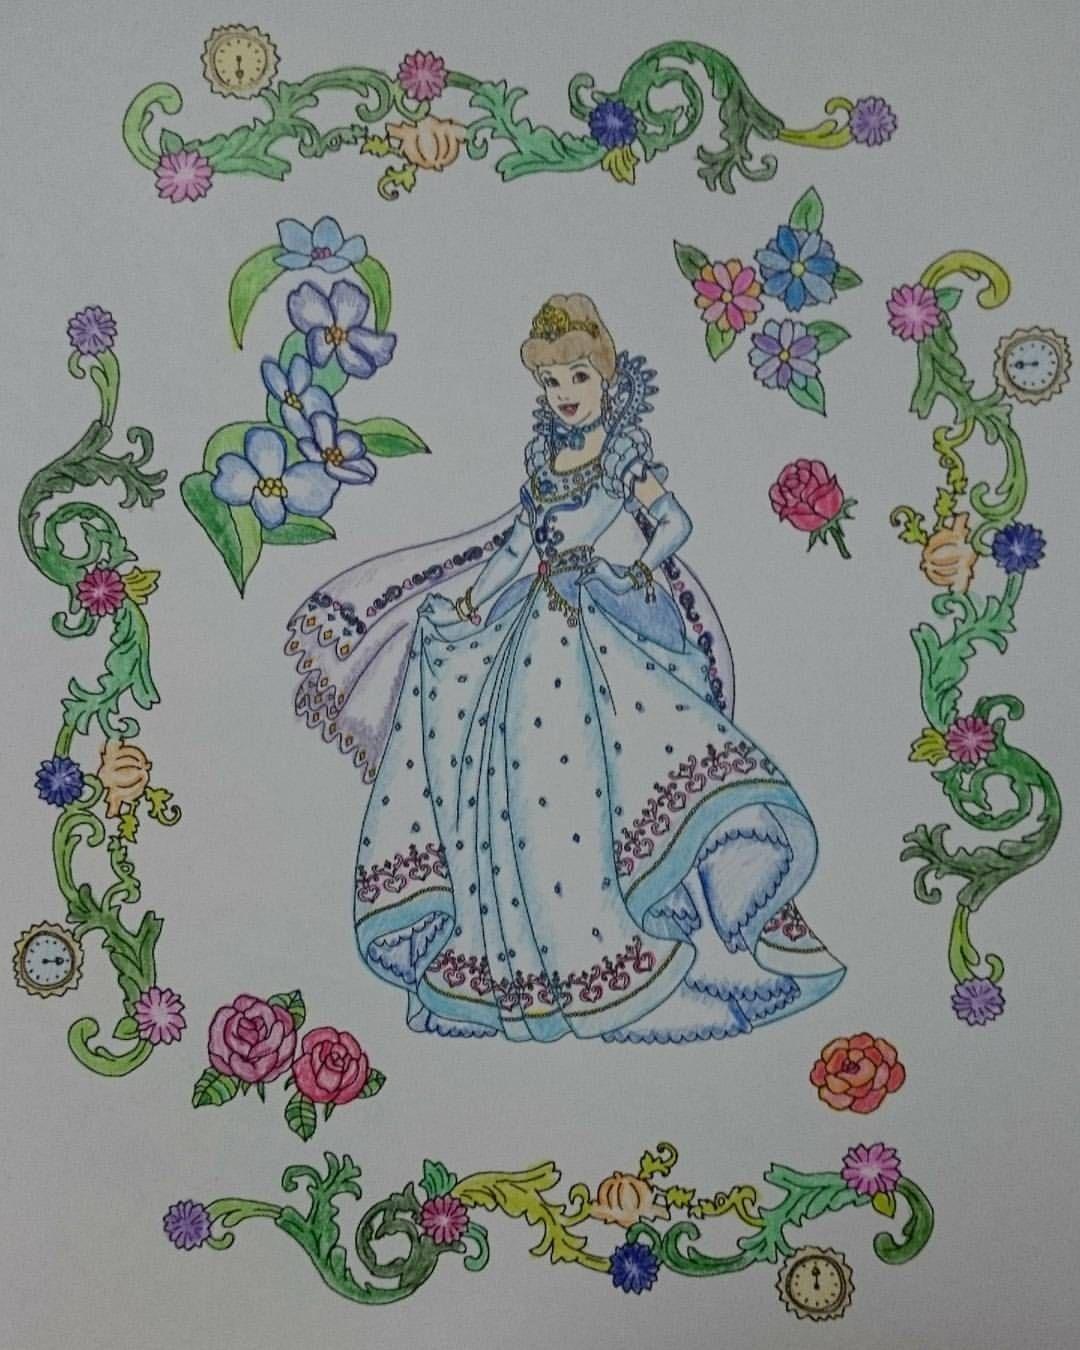 旅するディズニー塗り絵 大人の塗り絵 シンデレラ Cinderella